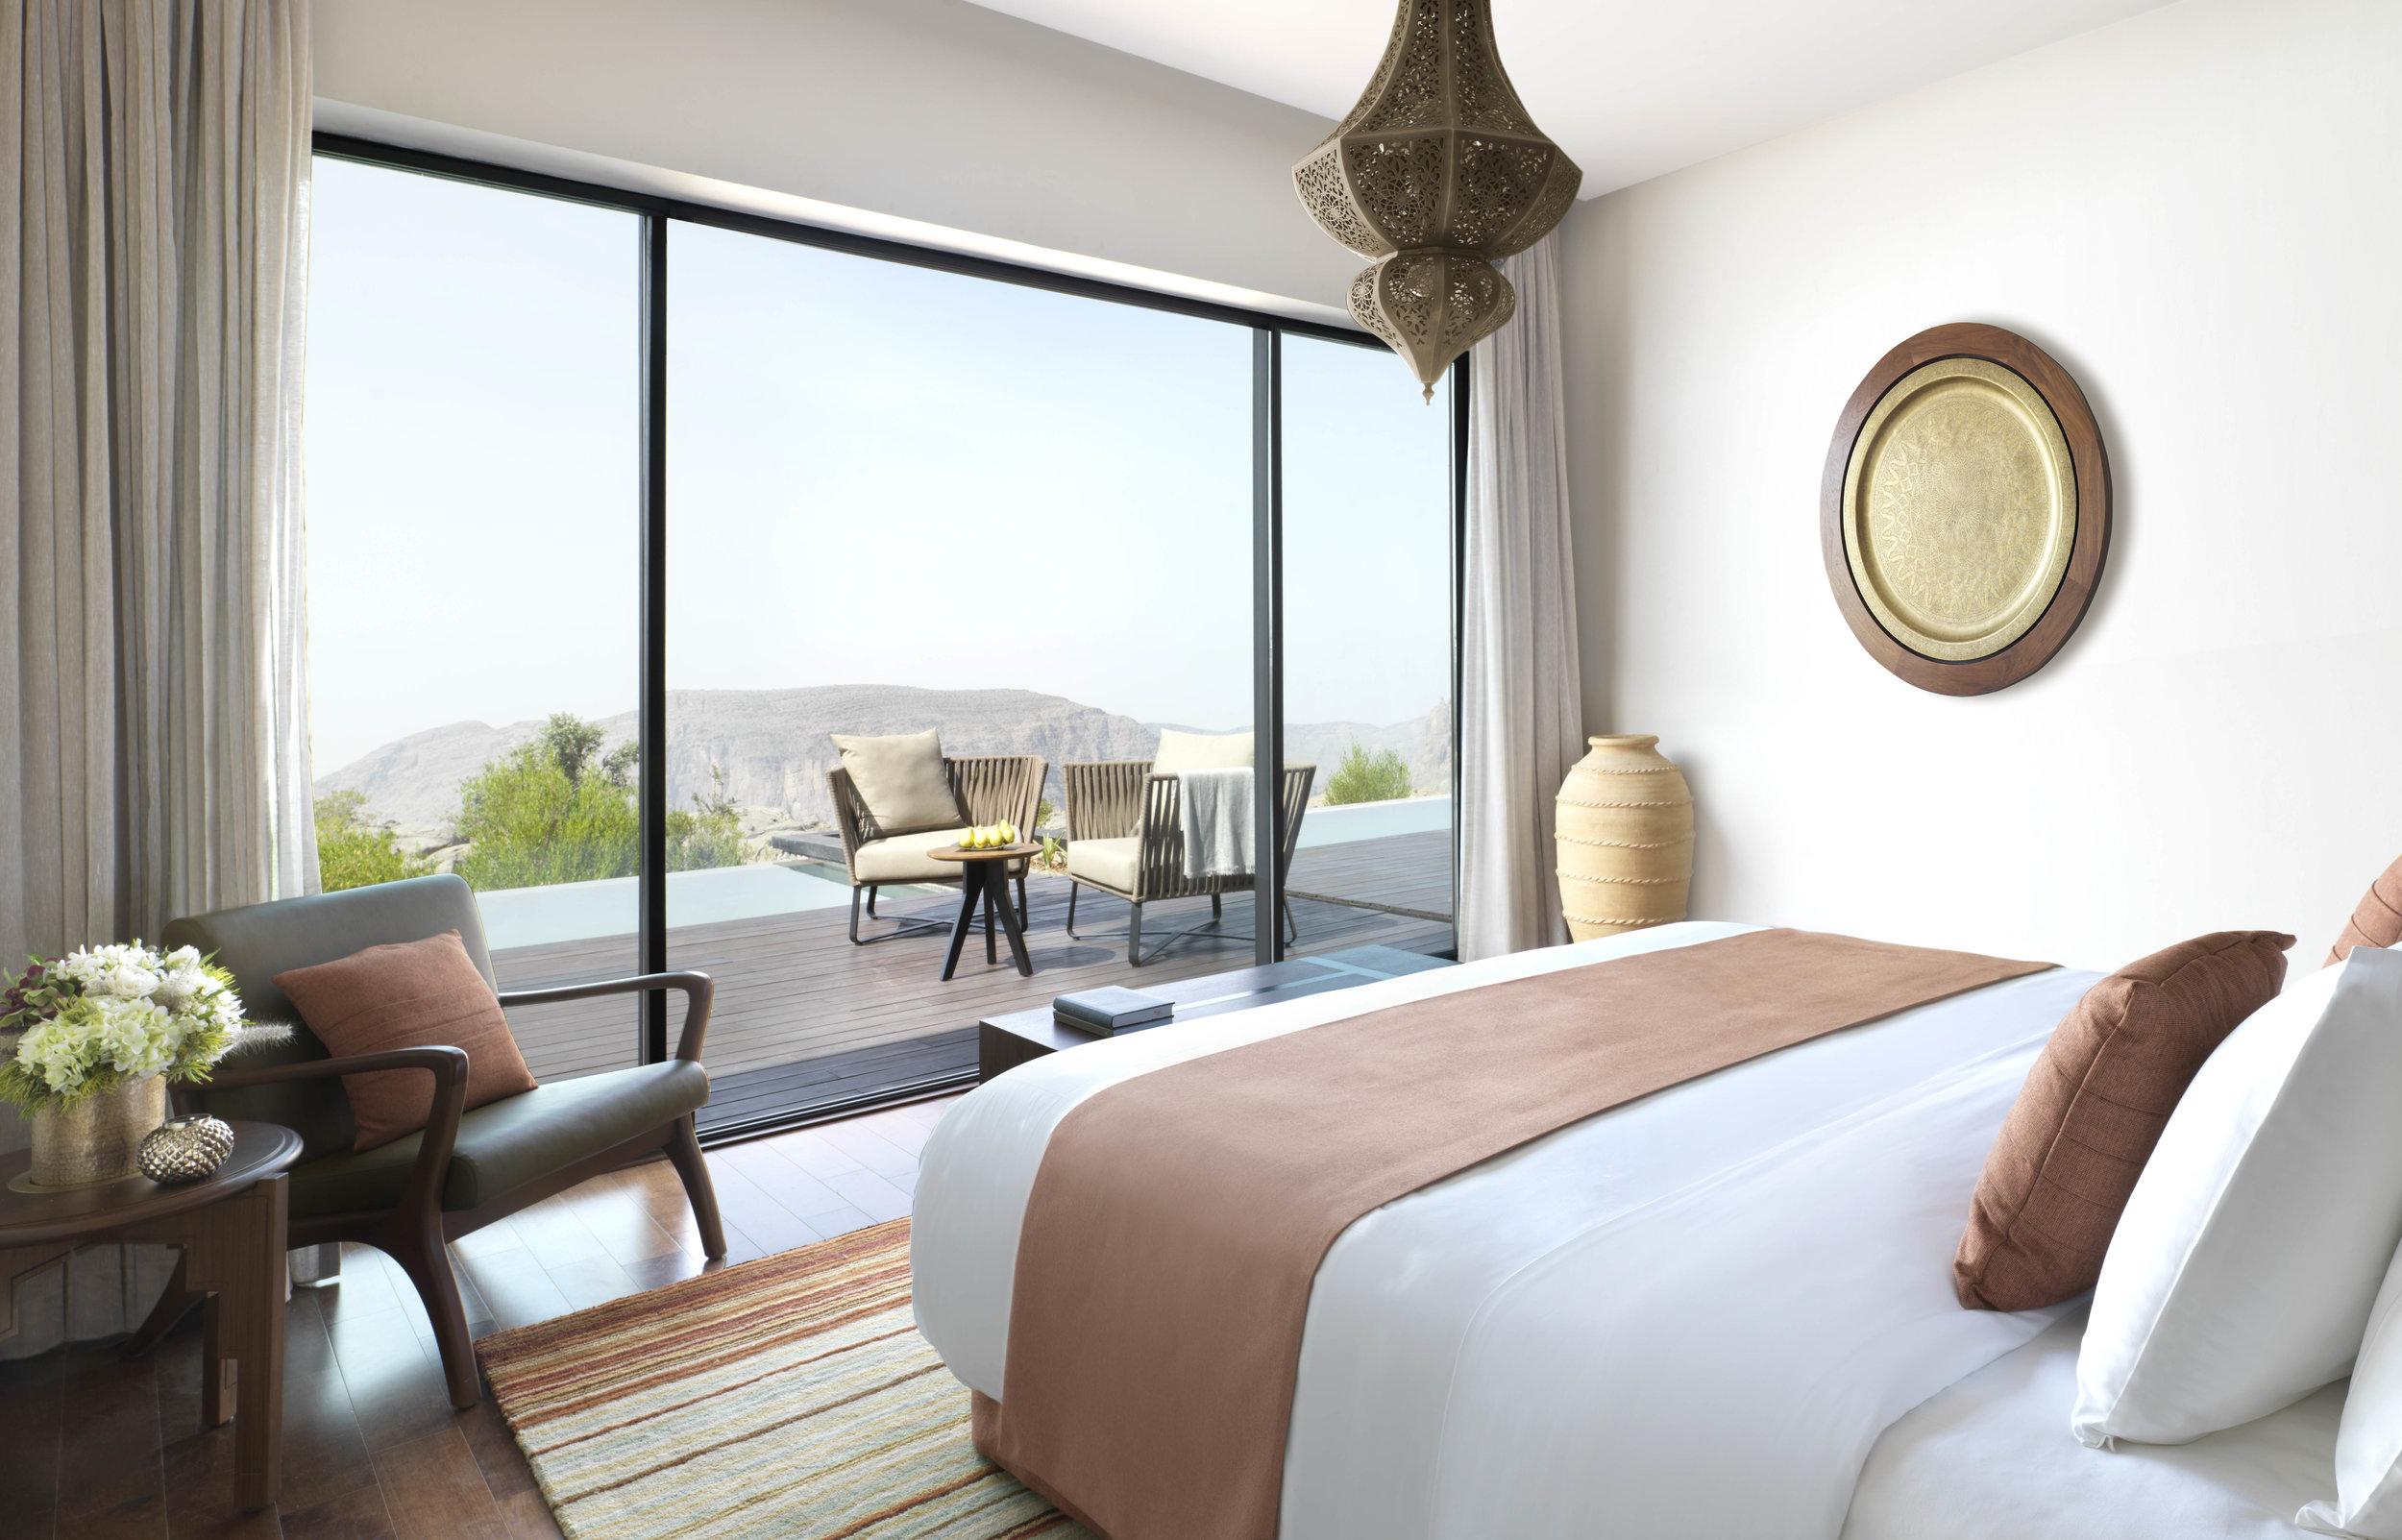 Anantara Al Jabal Al Akhdar Resort - Cliff Pool Villa Bedroom.jpg